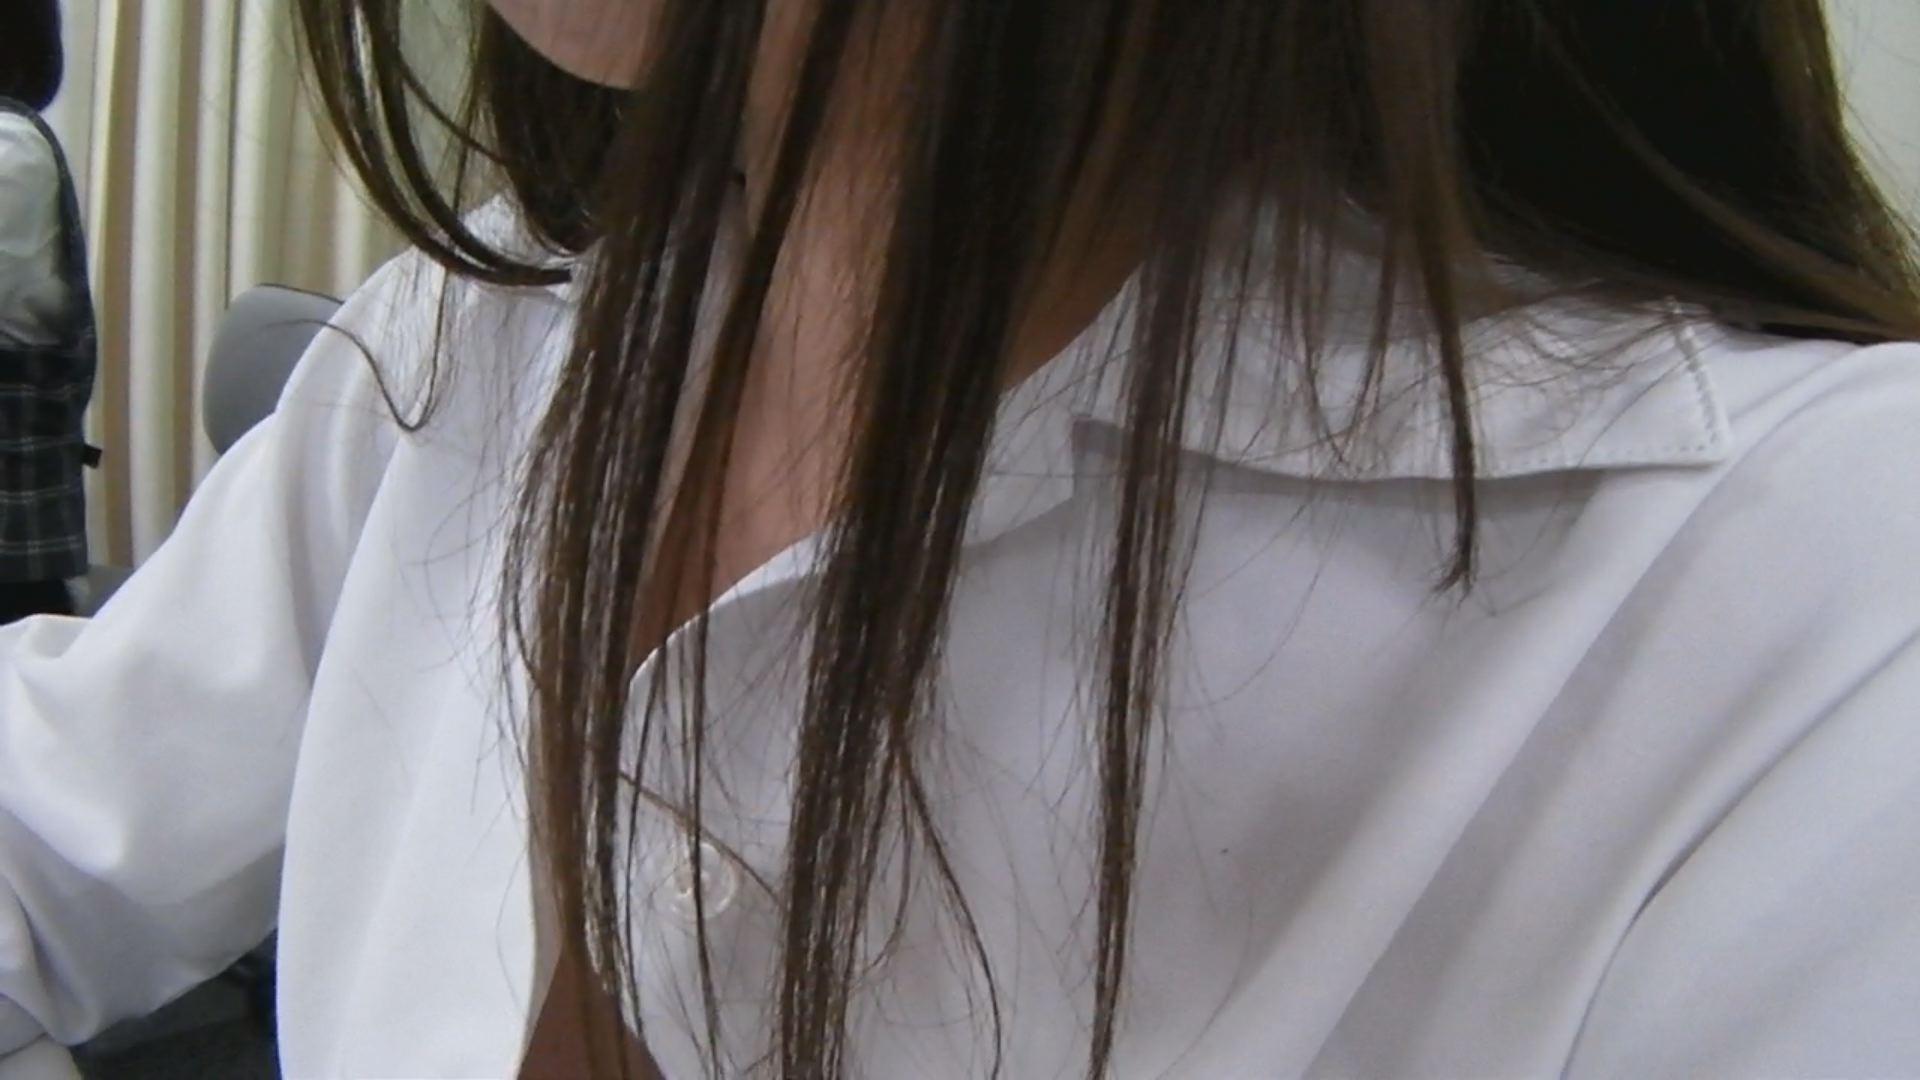 生着替え中に見える勃起乳首がエロい!w